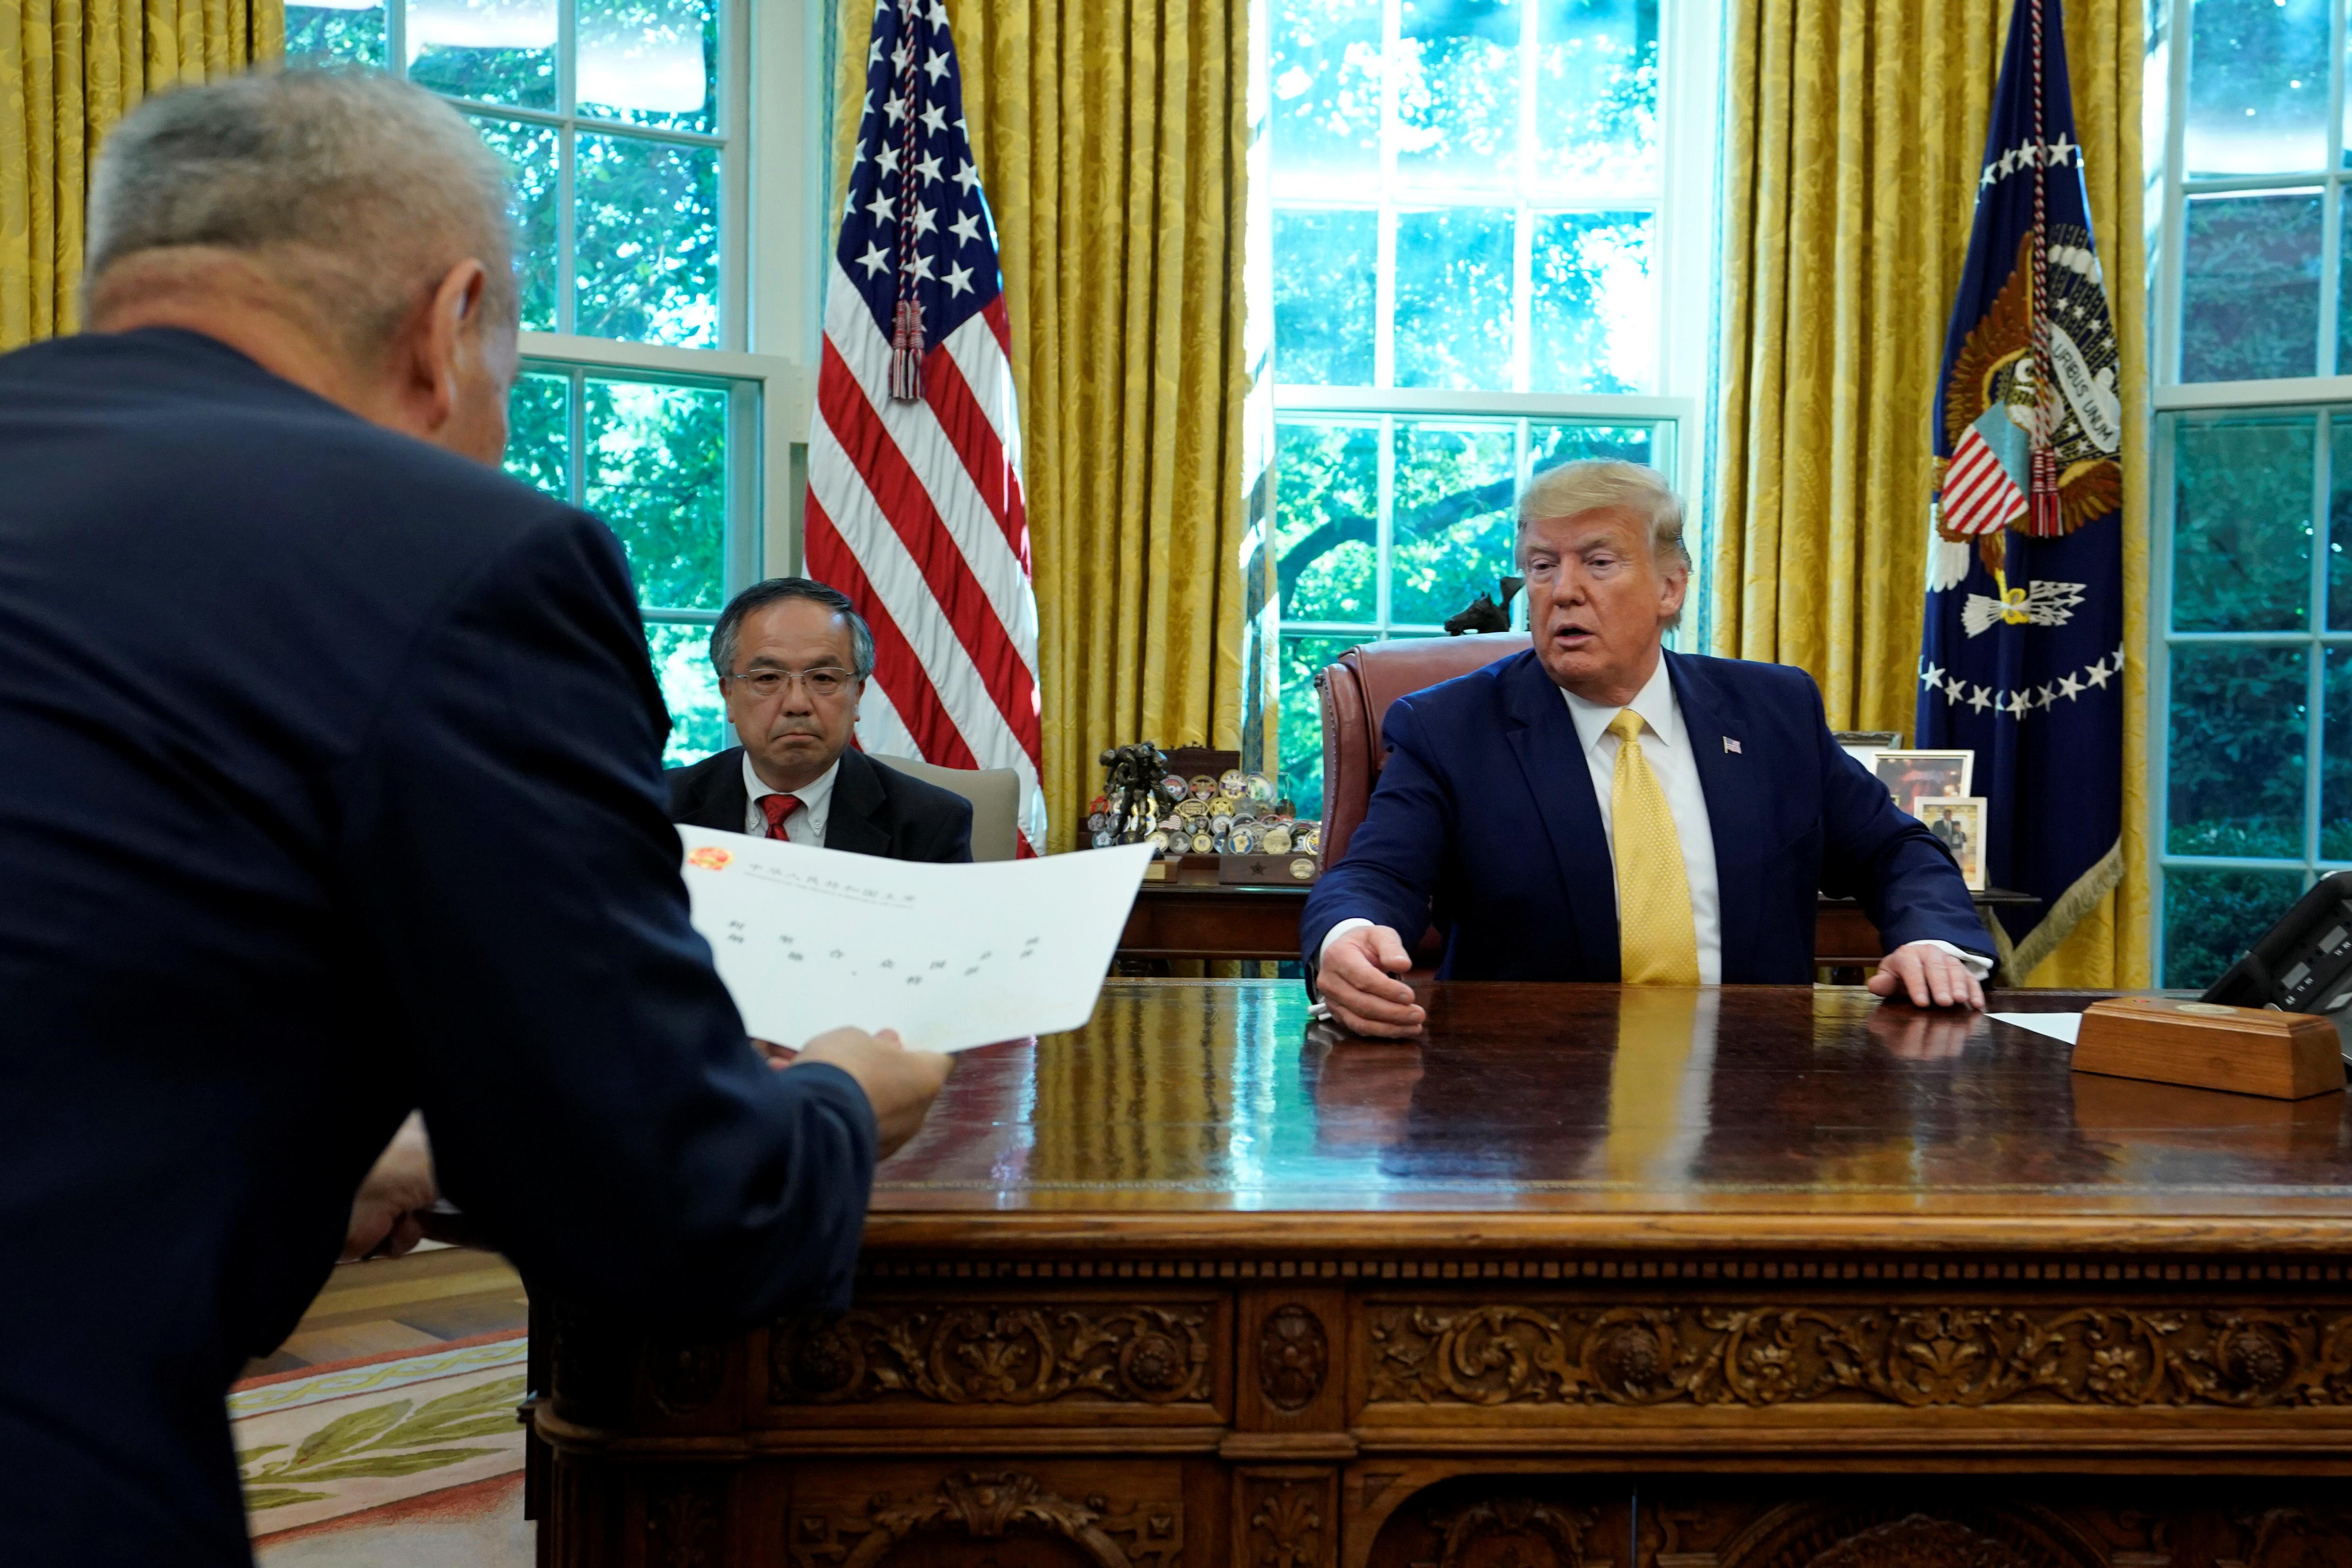 Ce qu'il faut retenir de l'accord commercial partiel Chine-Etats-Unis